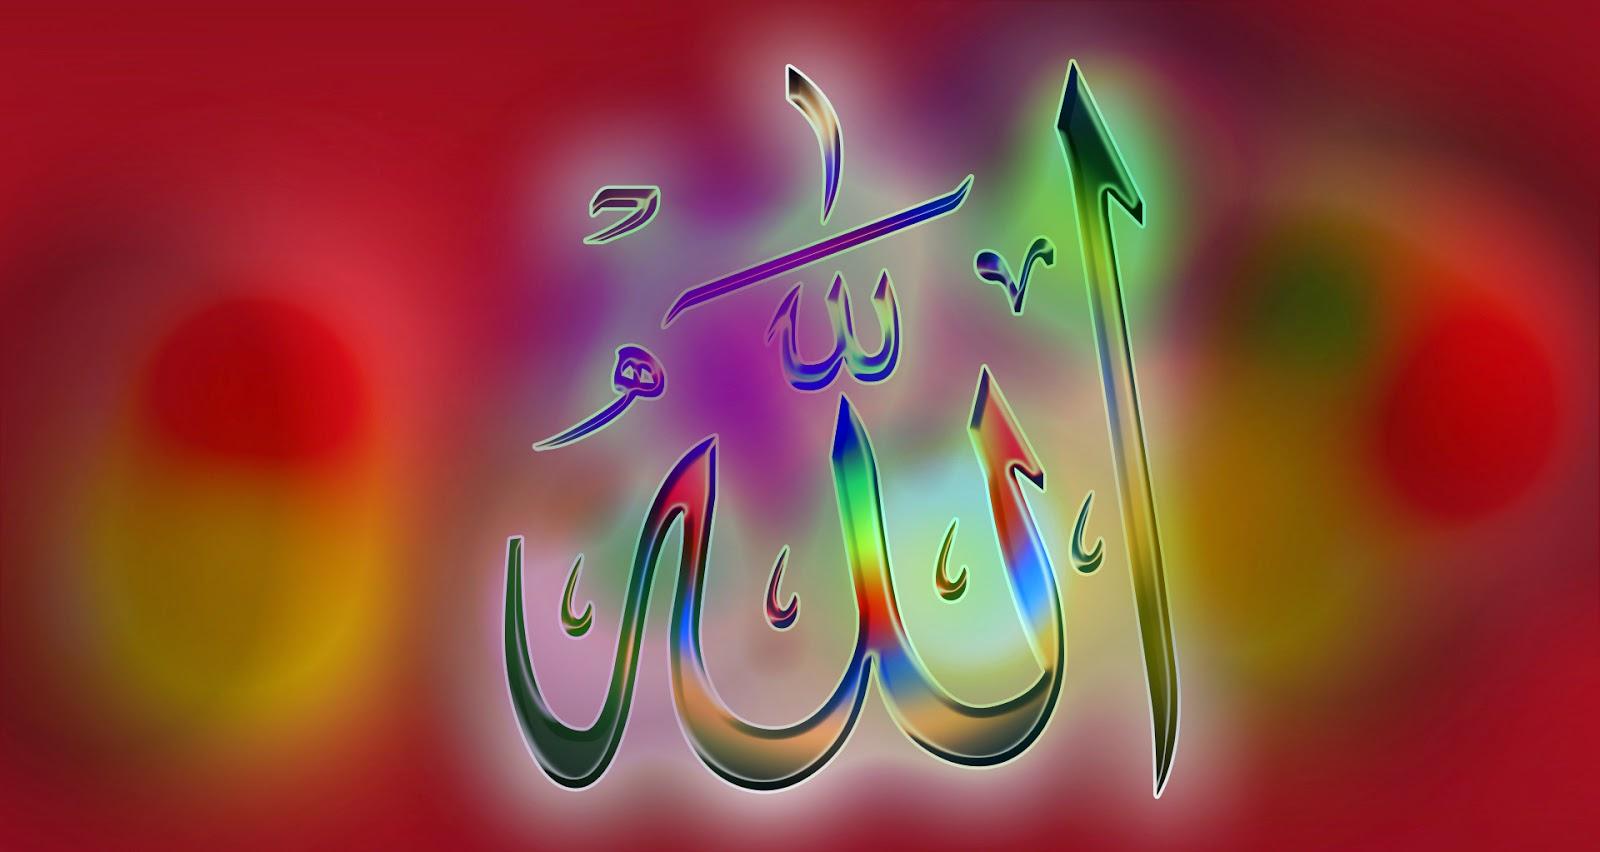 Honda City Car Hd Wallpaper Download Allinallwalls Allah Name Desktop Wallpaper Allah Hd